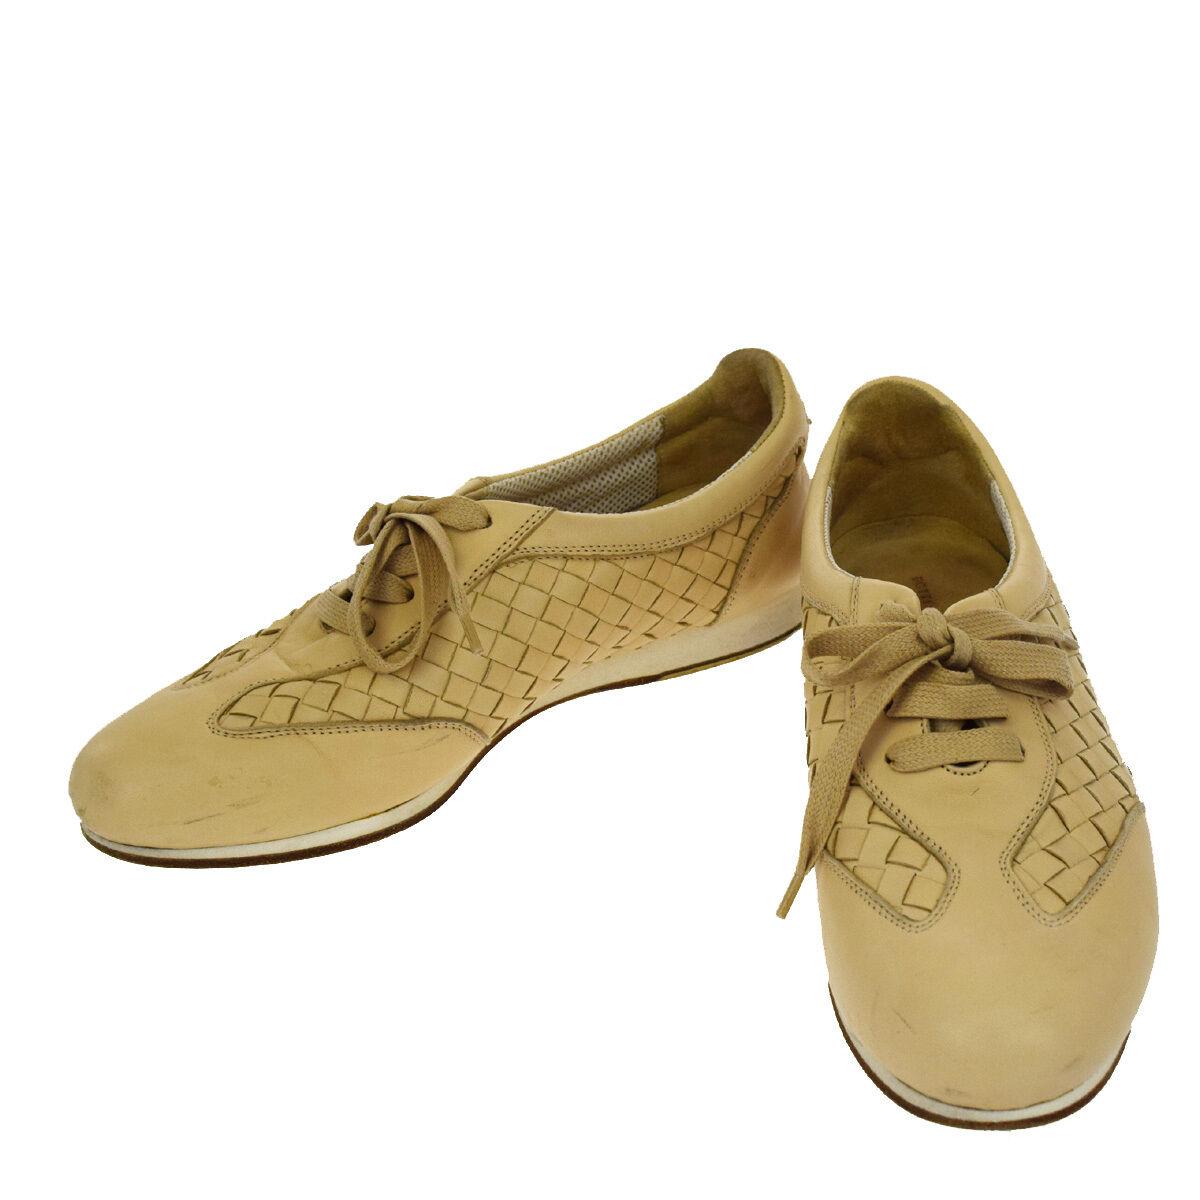 Auth Bottega Veneta Walking Sneaker Schuhes Leder #37 1/2 Beige  01A182